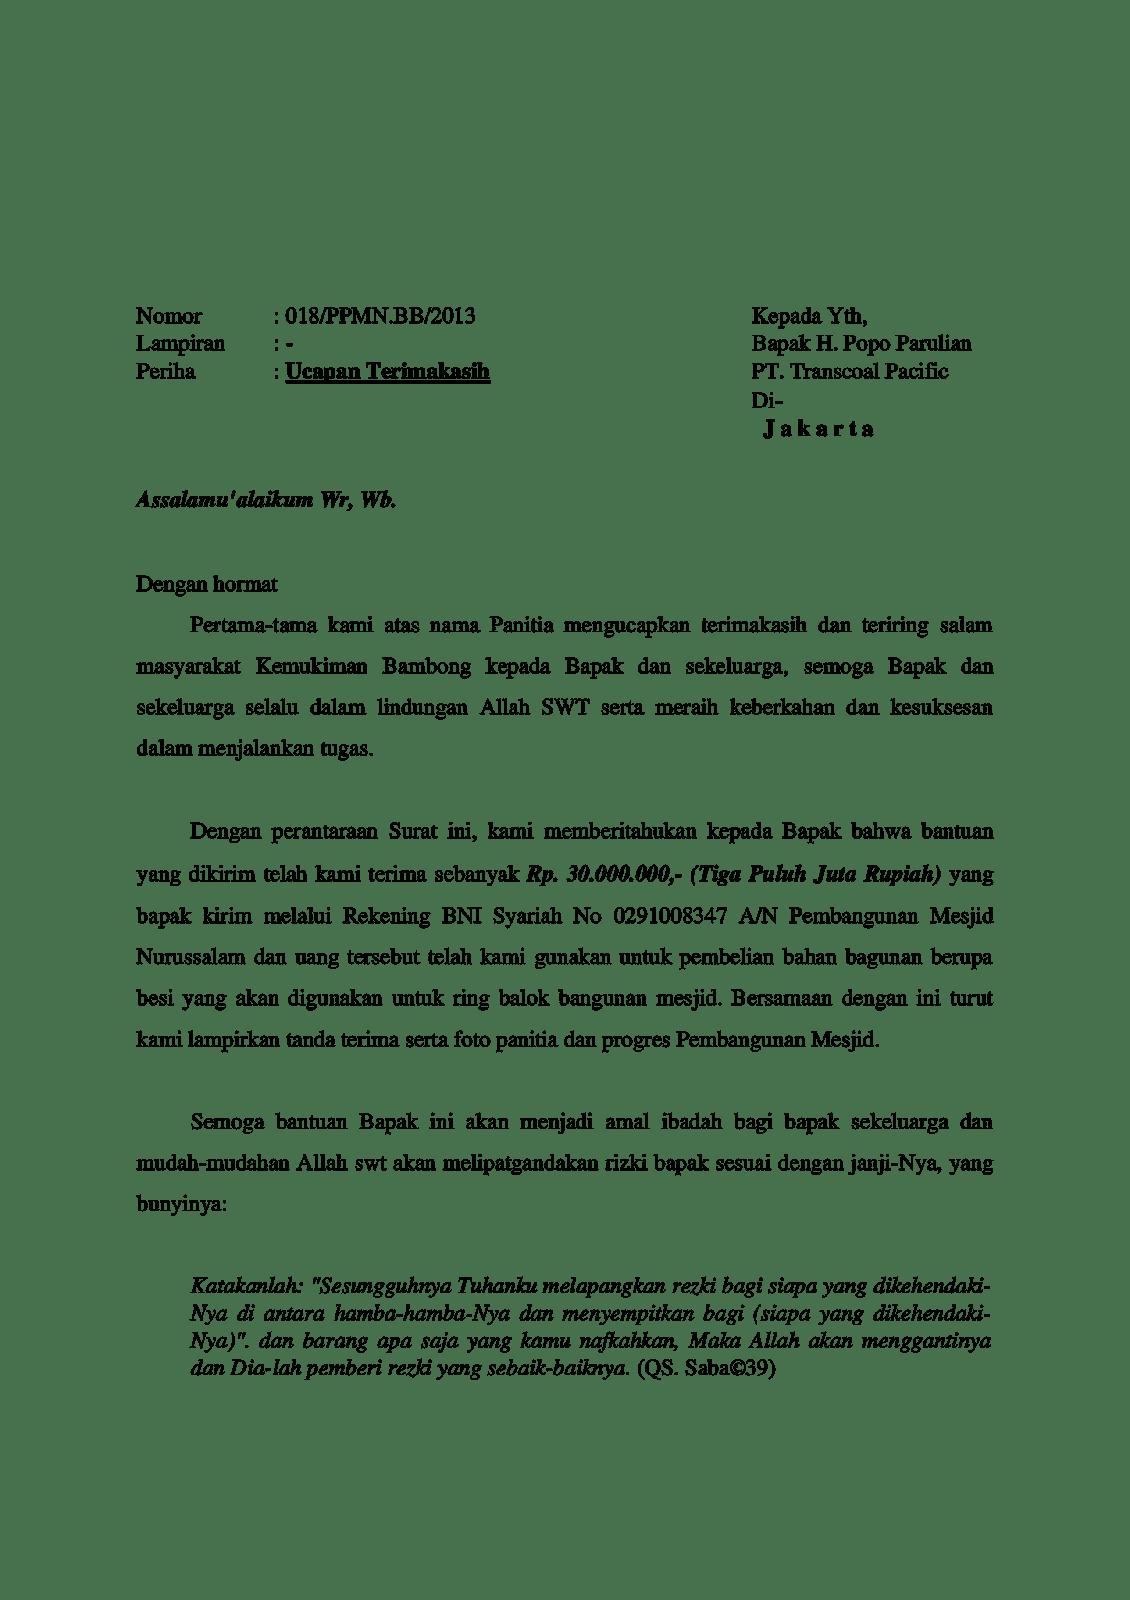 contoh surat ucapan terima kasihatas bantuan dana